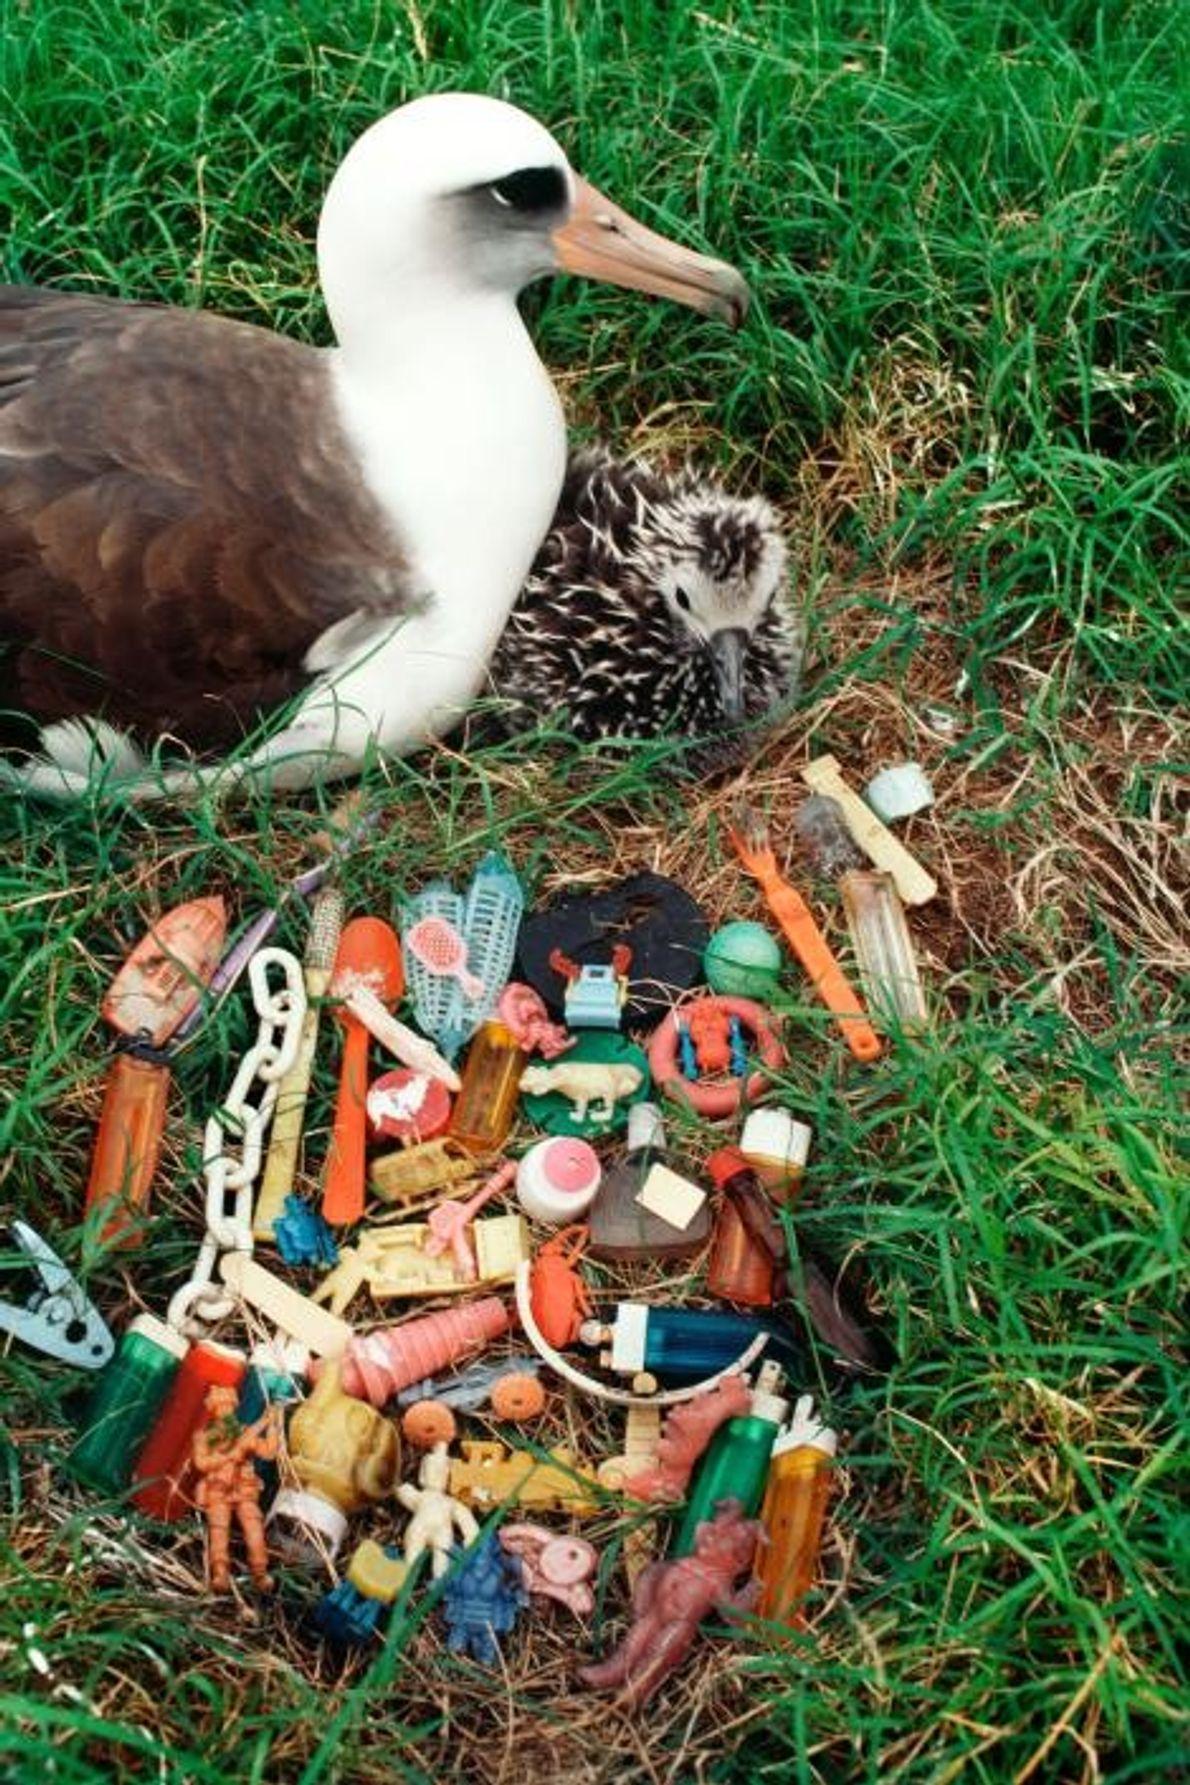 Lixo regurgitado por pássaros em uma colônia, no Havaí, Estados Unidos.